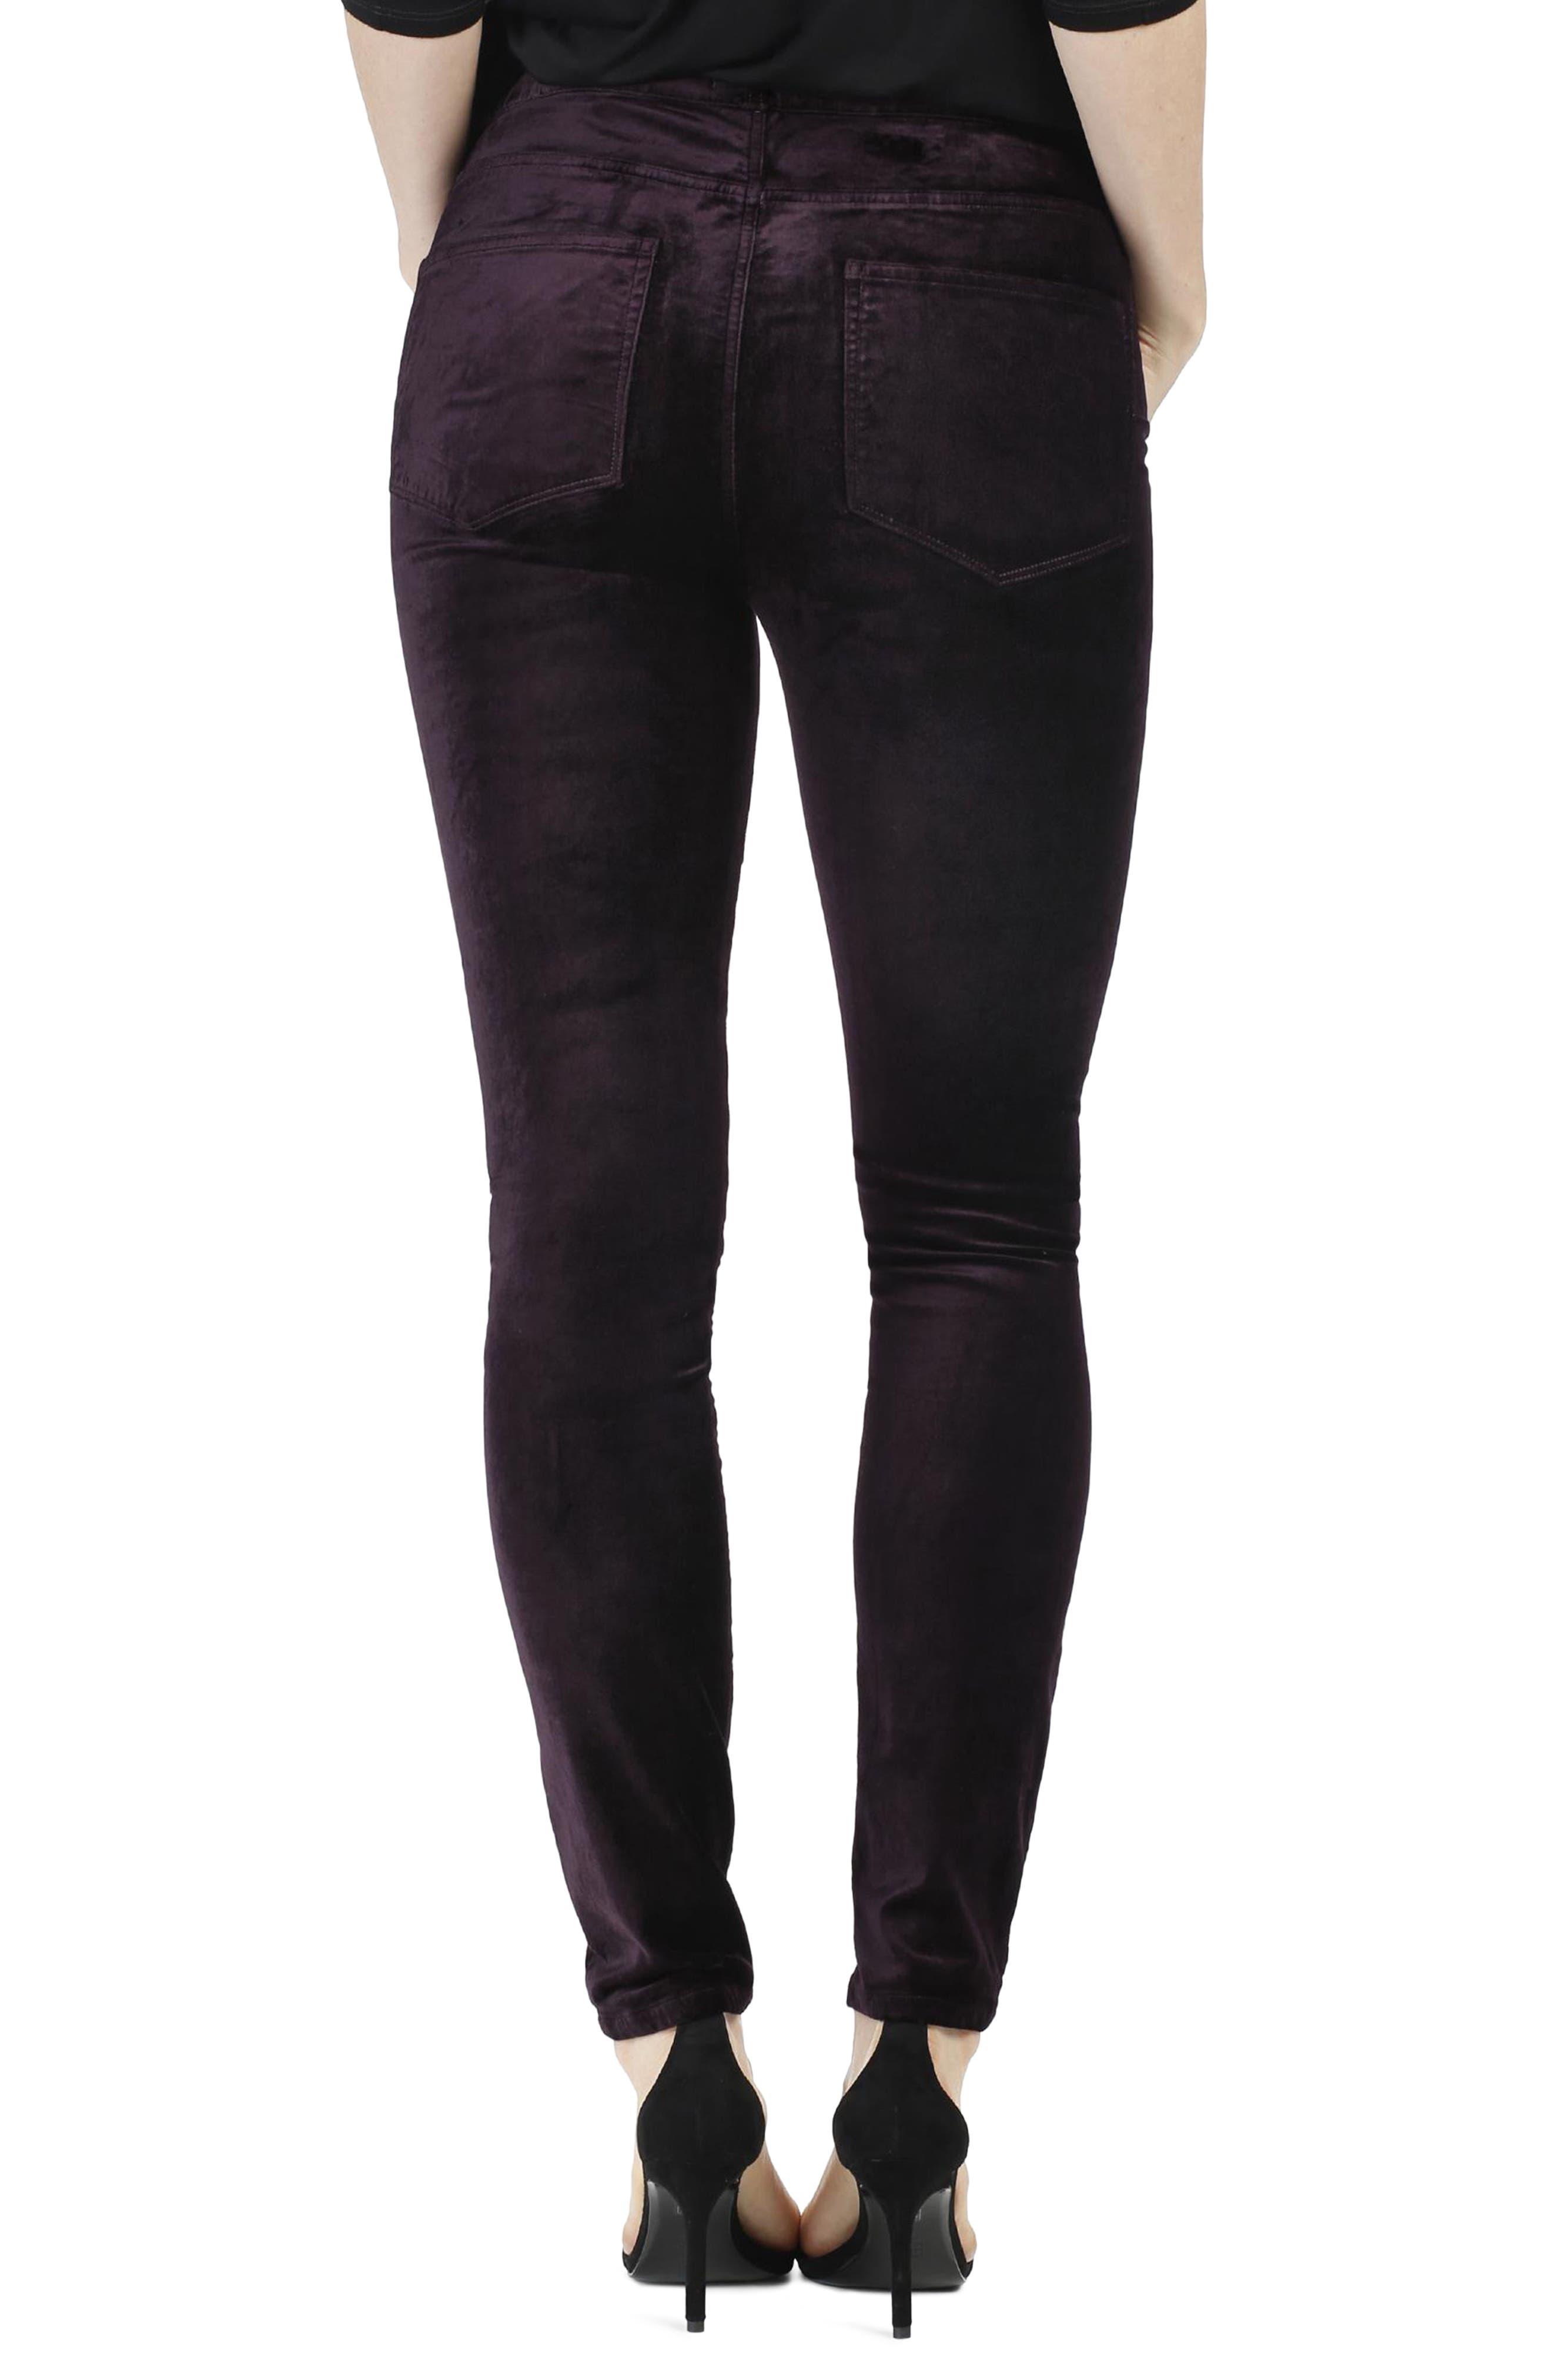 Hoxton Velvet Ankle Skinny Jeans,                             Alternate thumbnail 3, color,                             Black Cherry